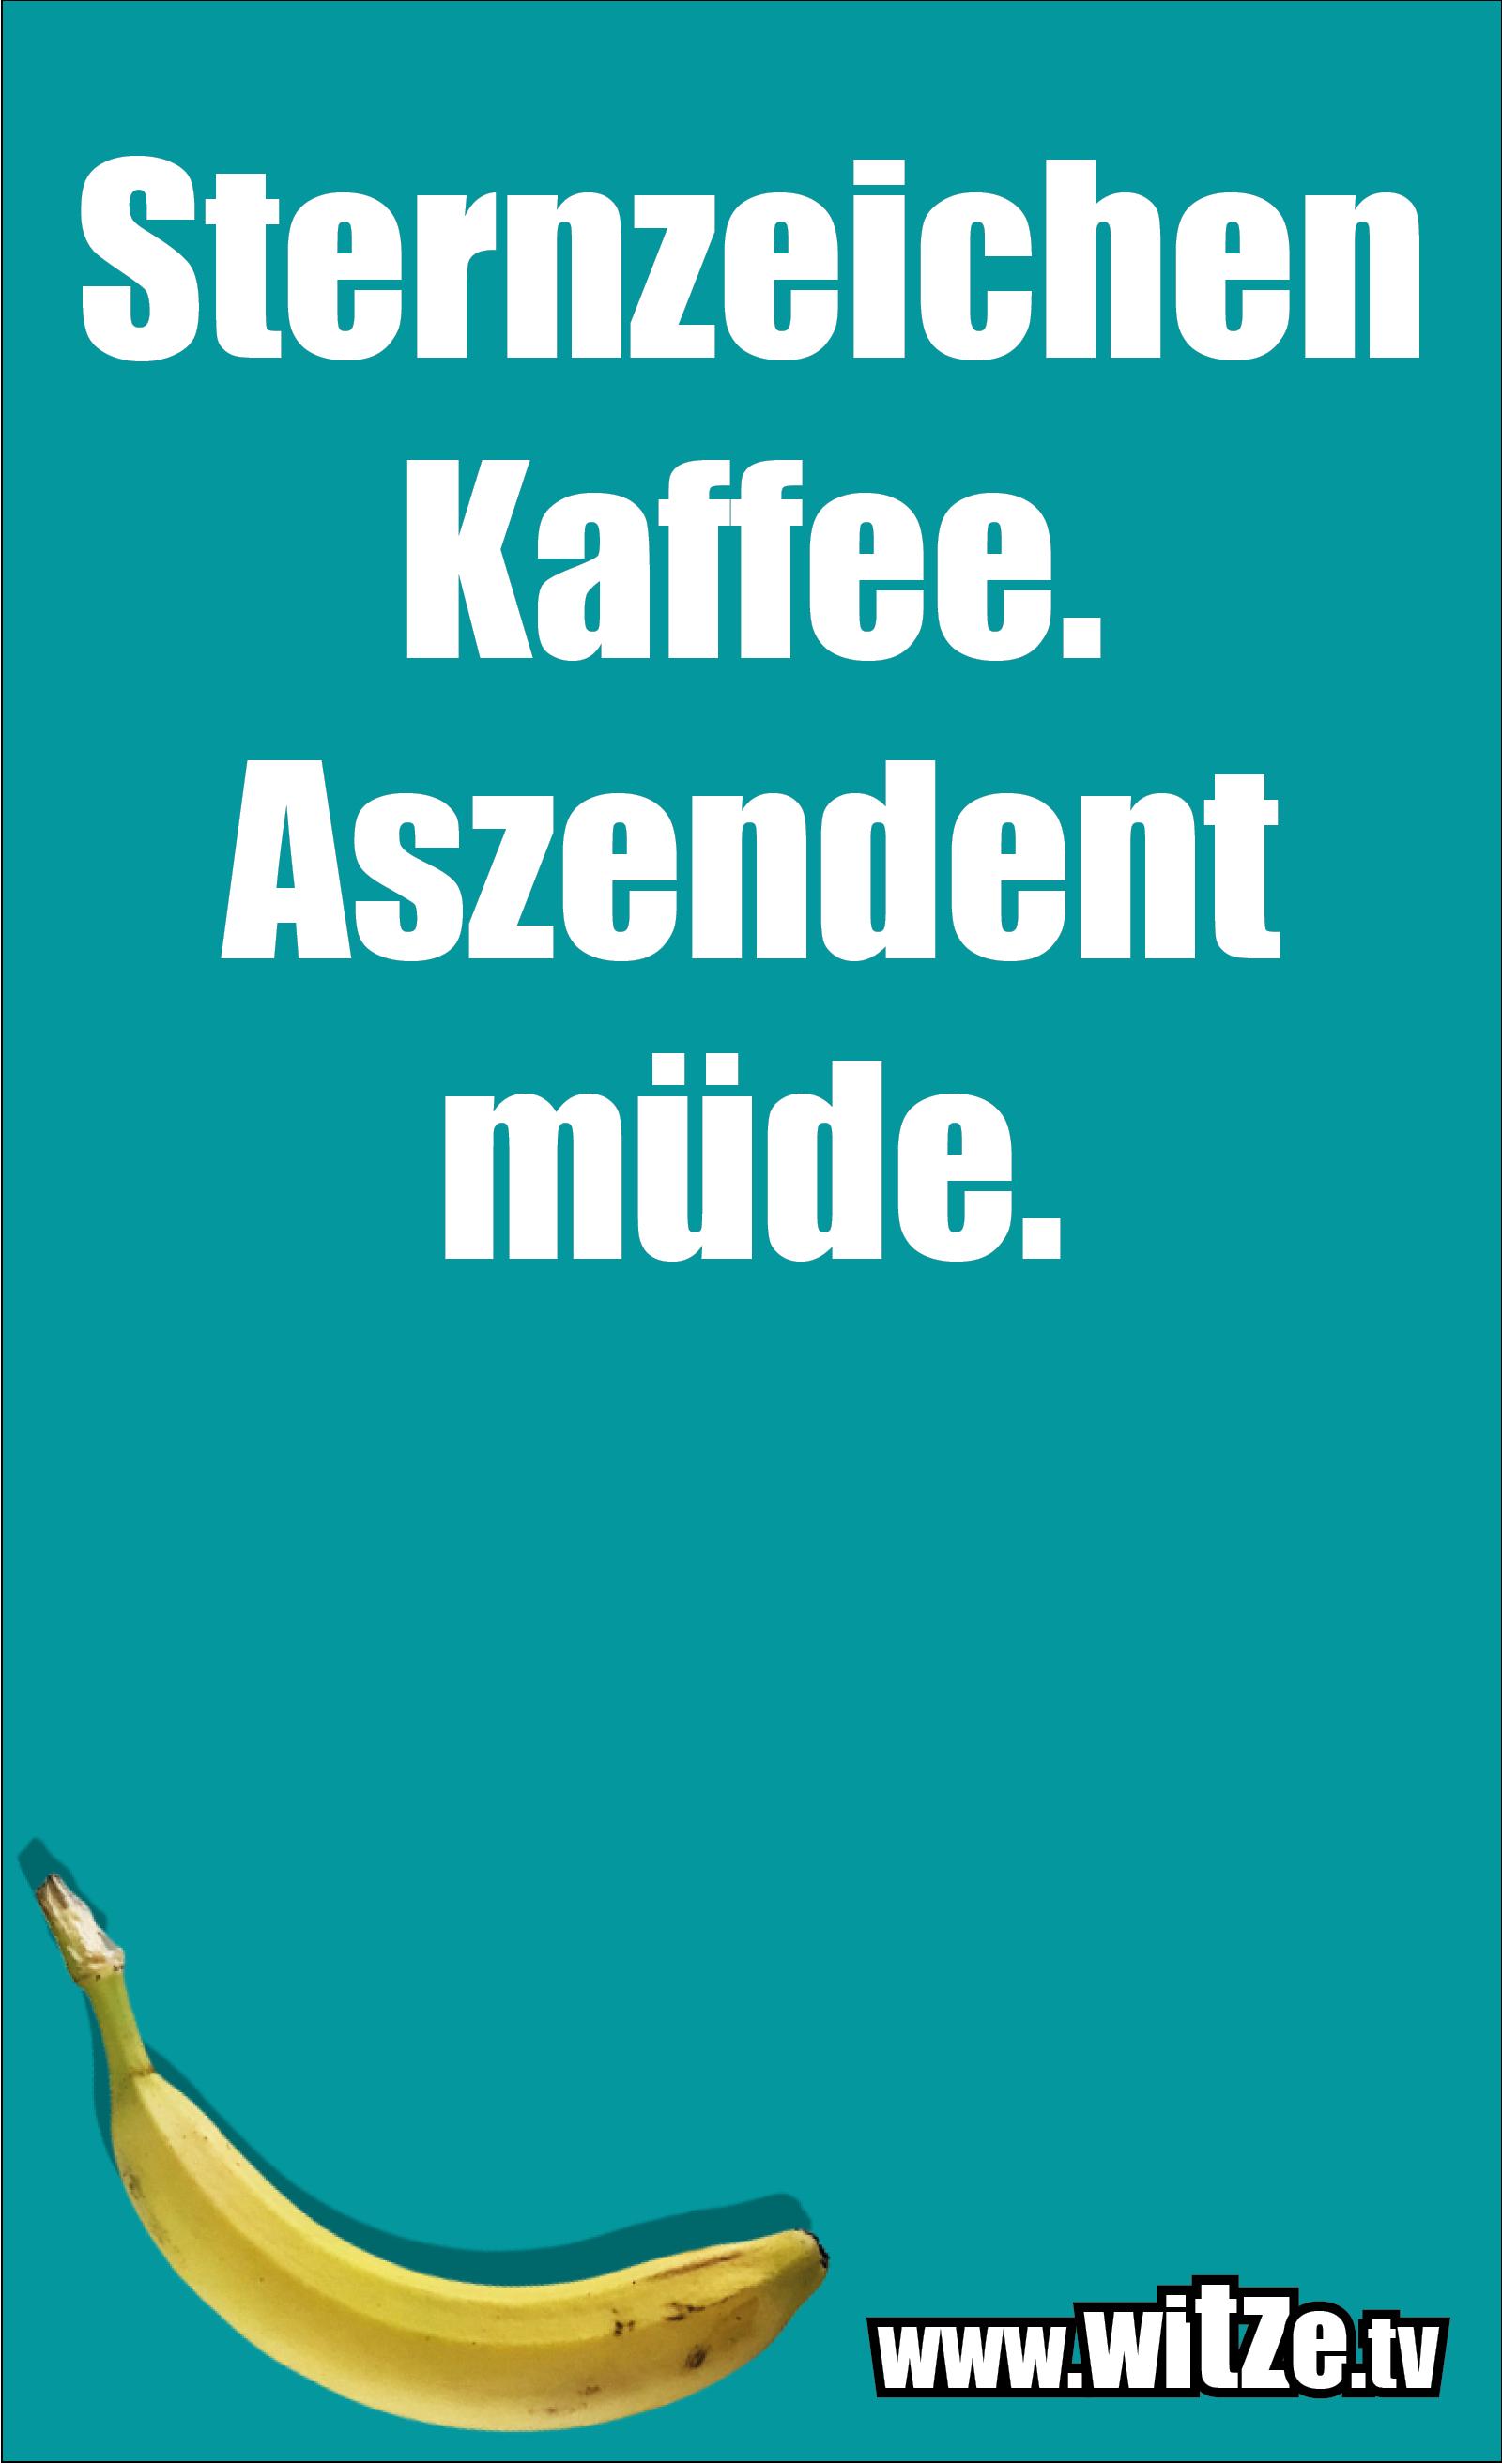 Leidenschaftlicher Humor... Sternzeichen Kaffee...